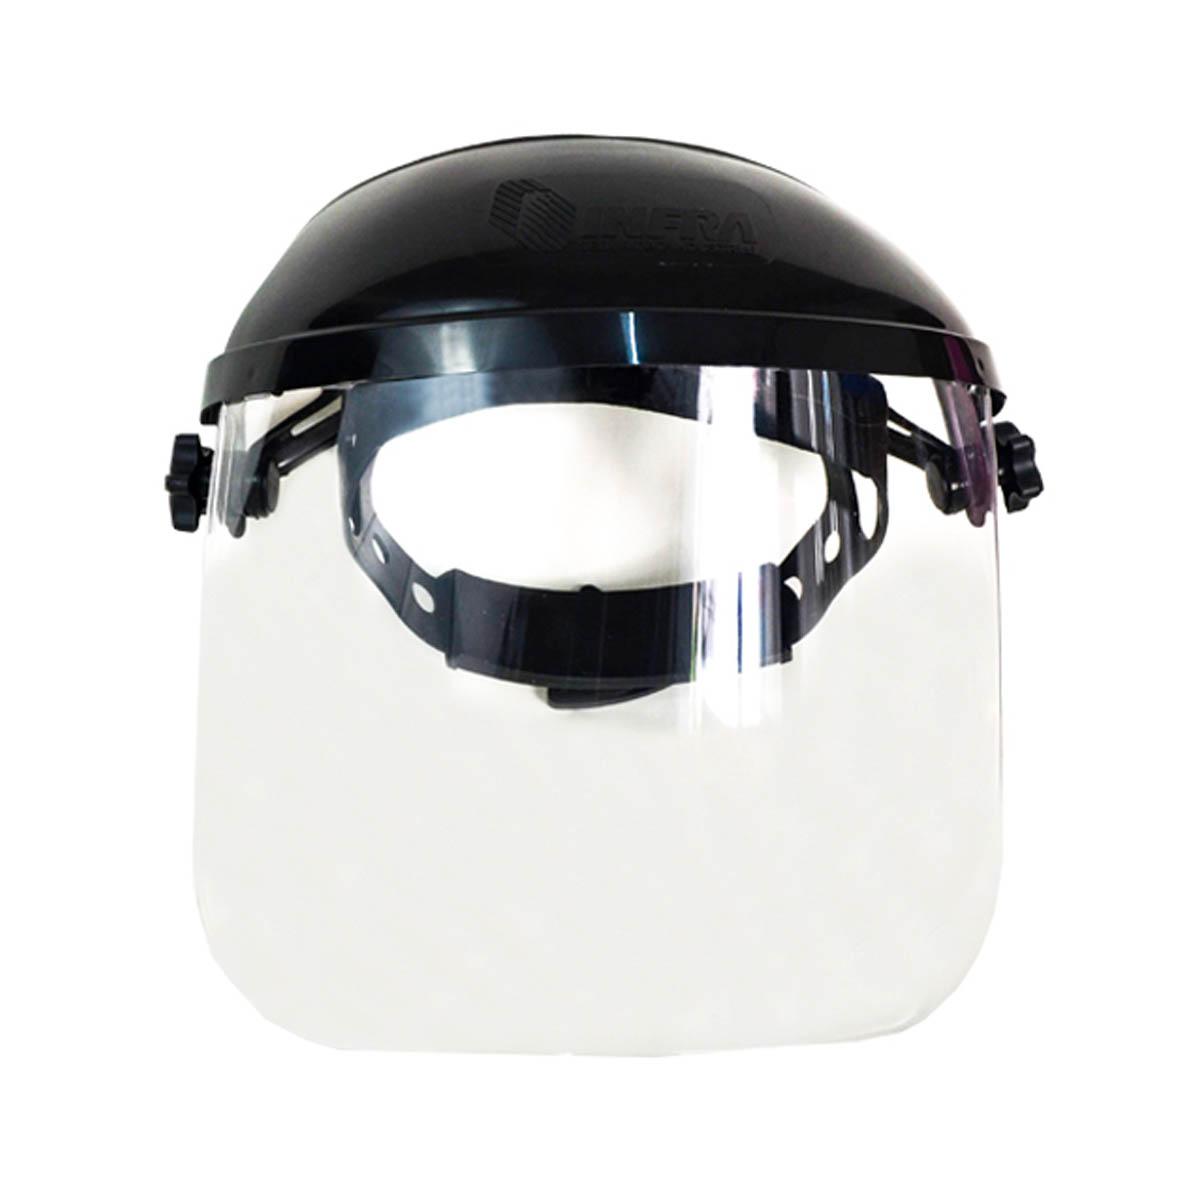 Protector Facial Visor 21 y 30 cm con M 3Pf-500T Infra